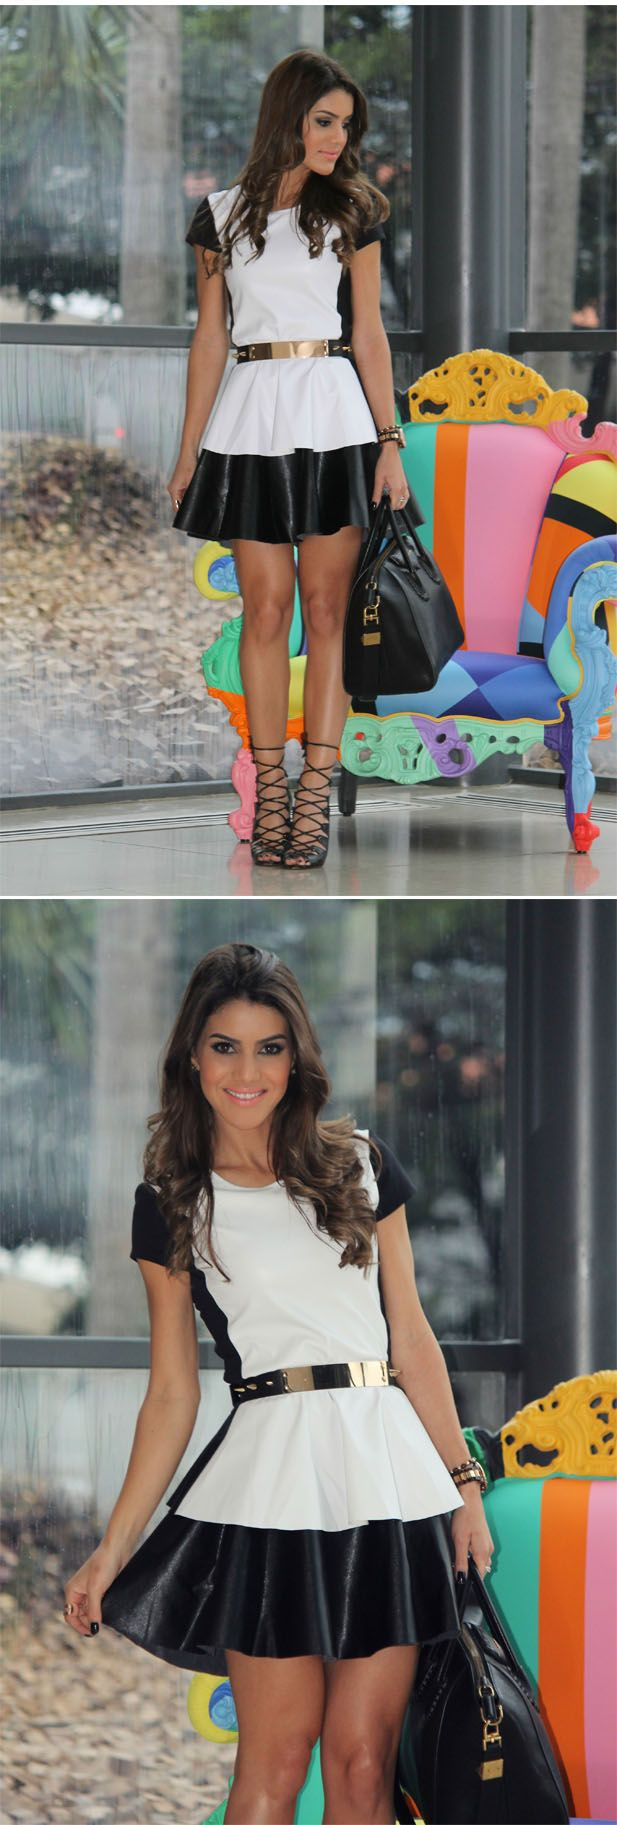 Camila Coelho supervaidosa.com/...crazy pretty